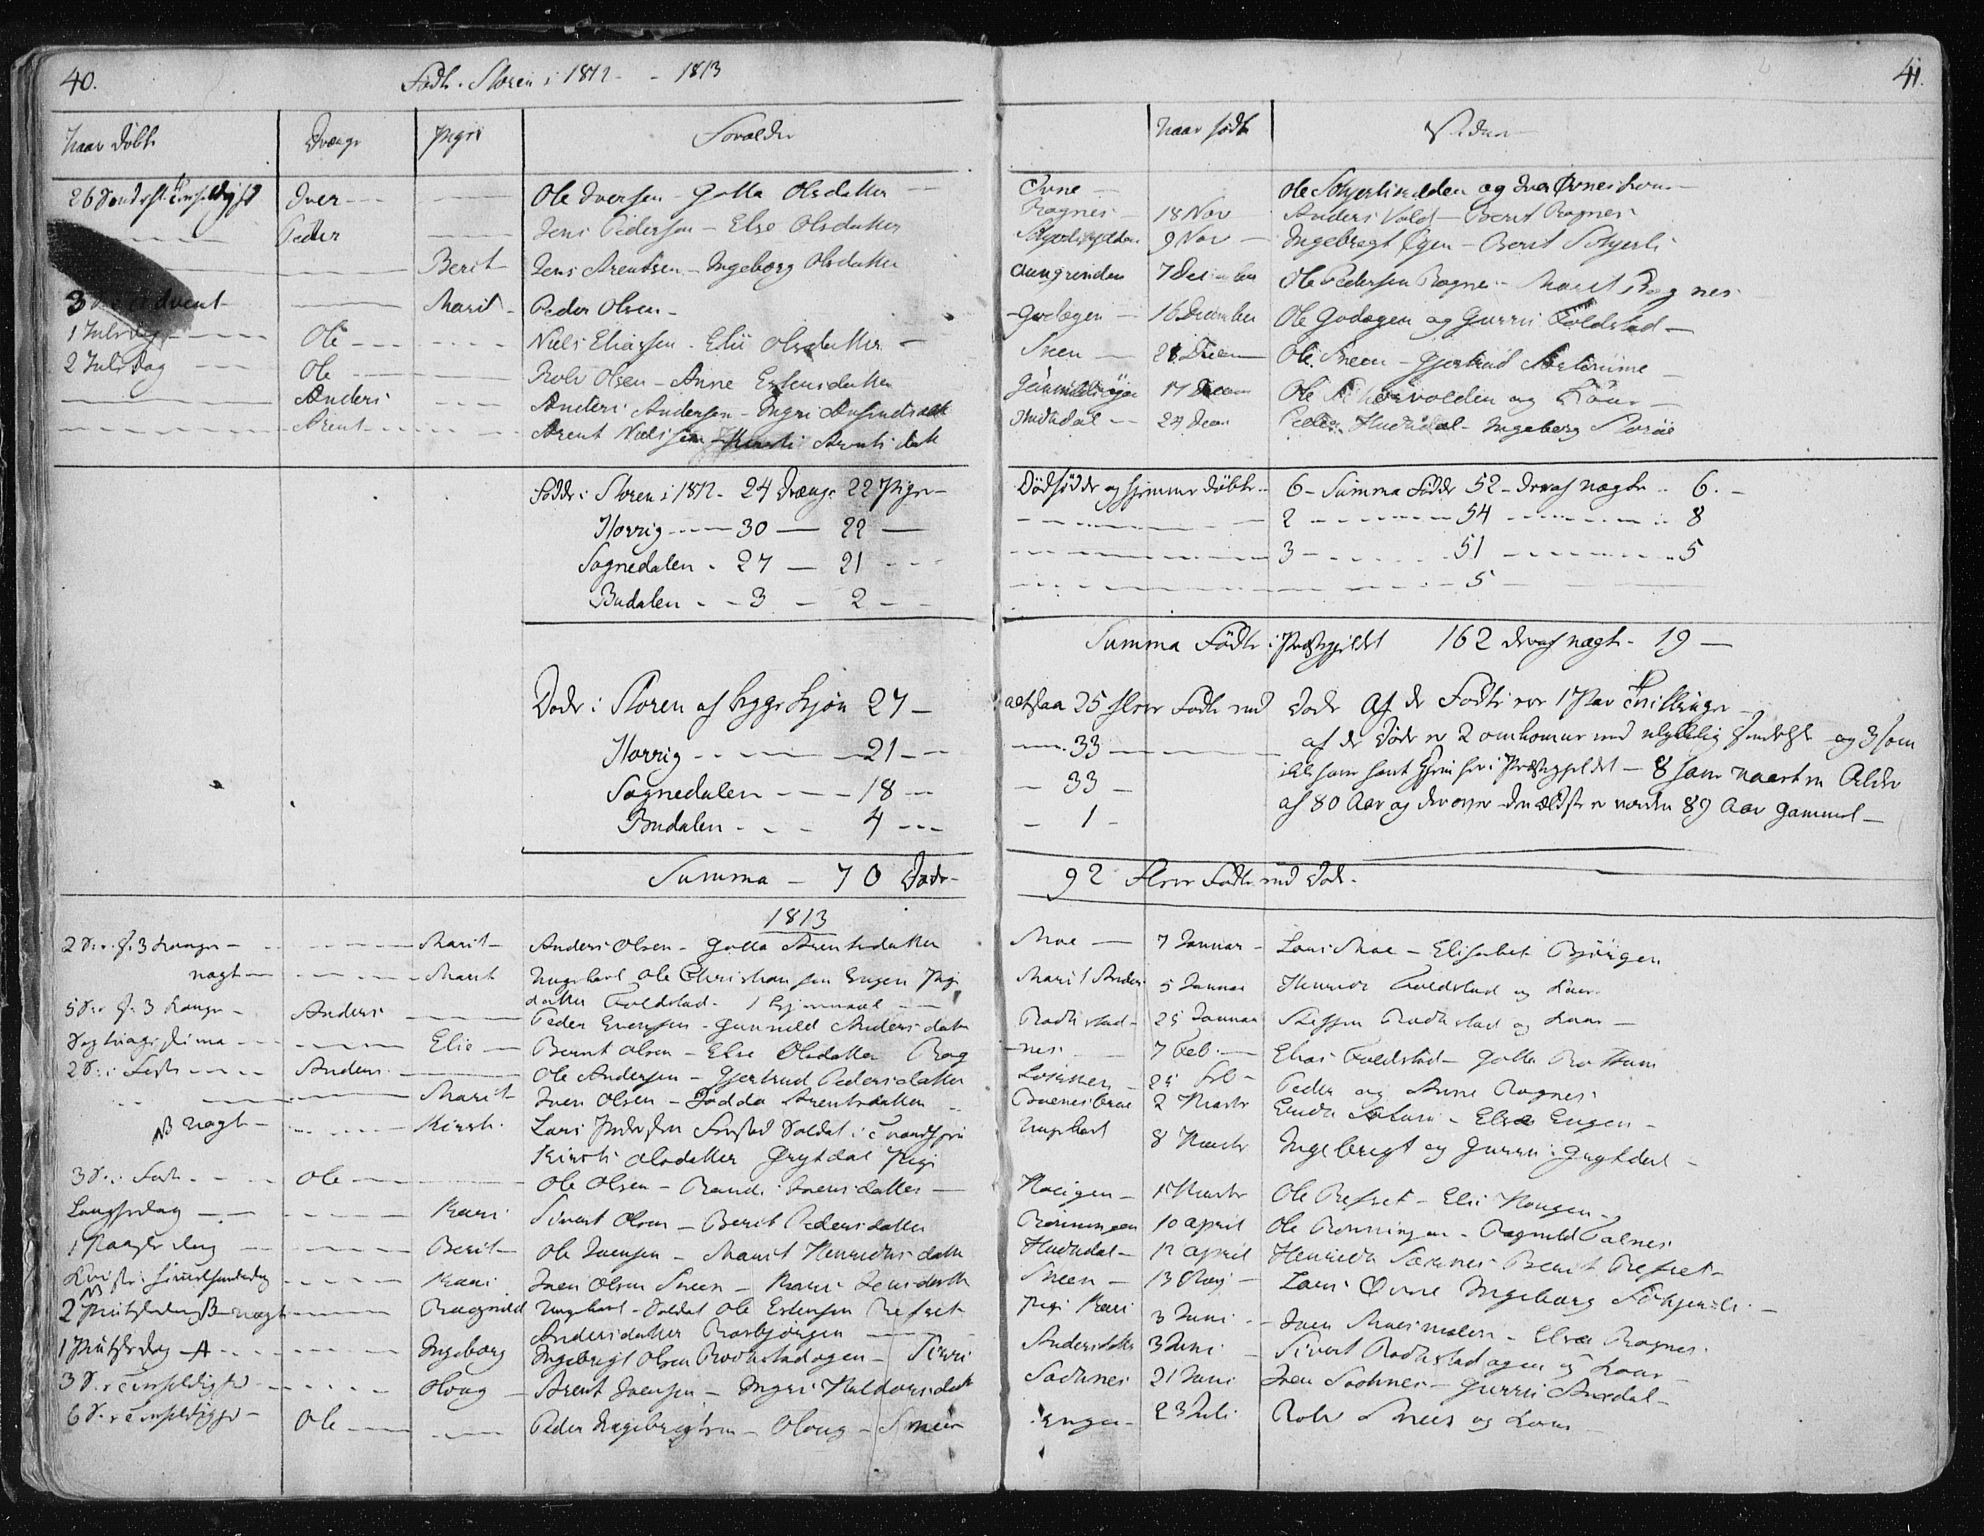 SAT, Ministerialprotokoller, klokkerbøker og fødselsregistre - Sør-Trøndelag, 687/L0992: Ministerialbok nr. 687A03 /1, 1788-1815, s. 40-41